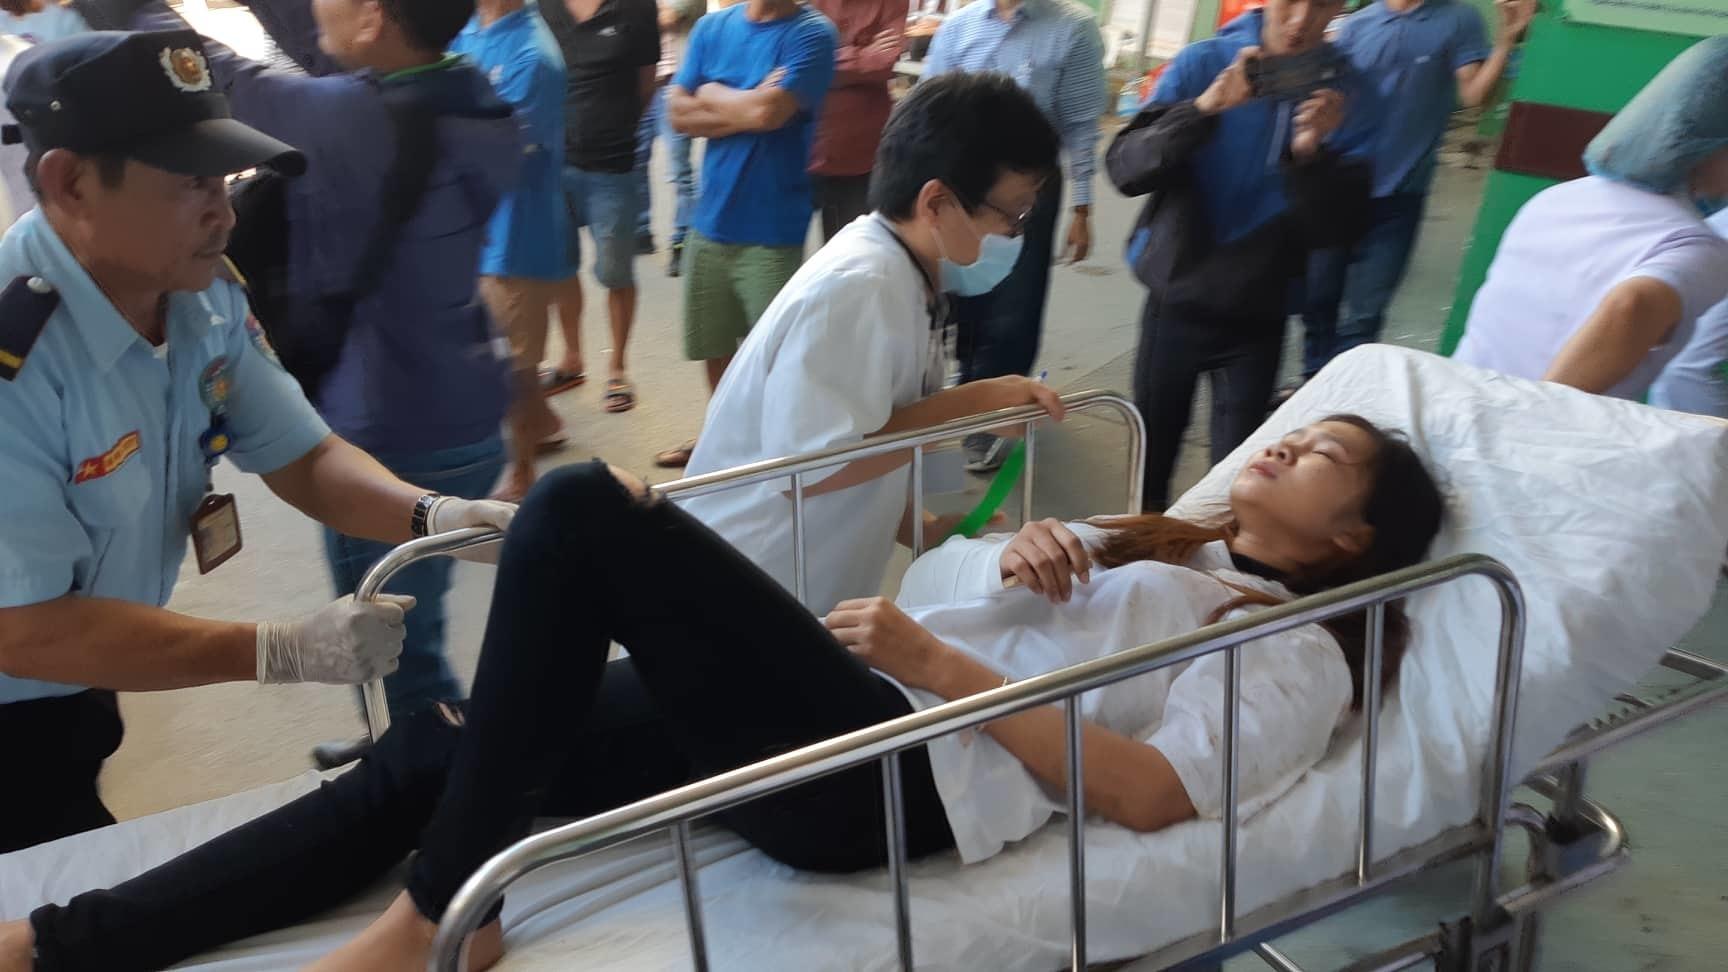 Rùng mình lời kể của sinh viên thoát chết trong vụ xe khách gặp nạn ở đèo Hải Vân - Ảnh 1